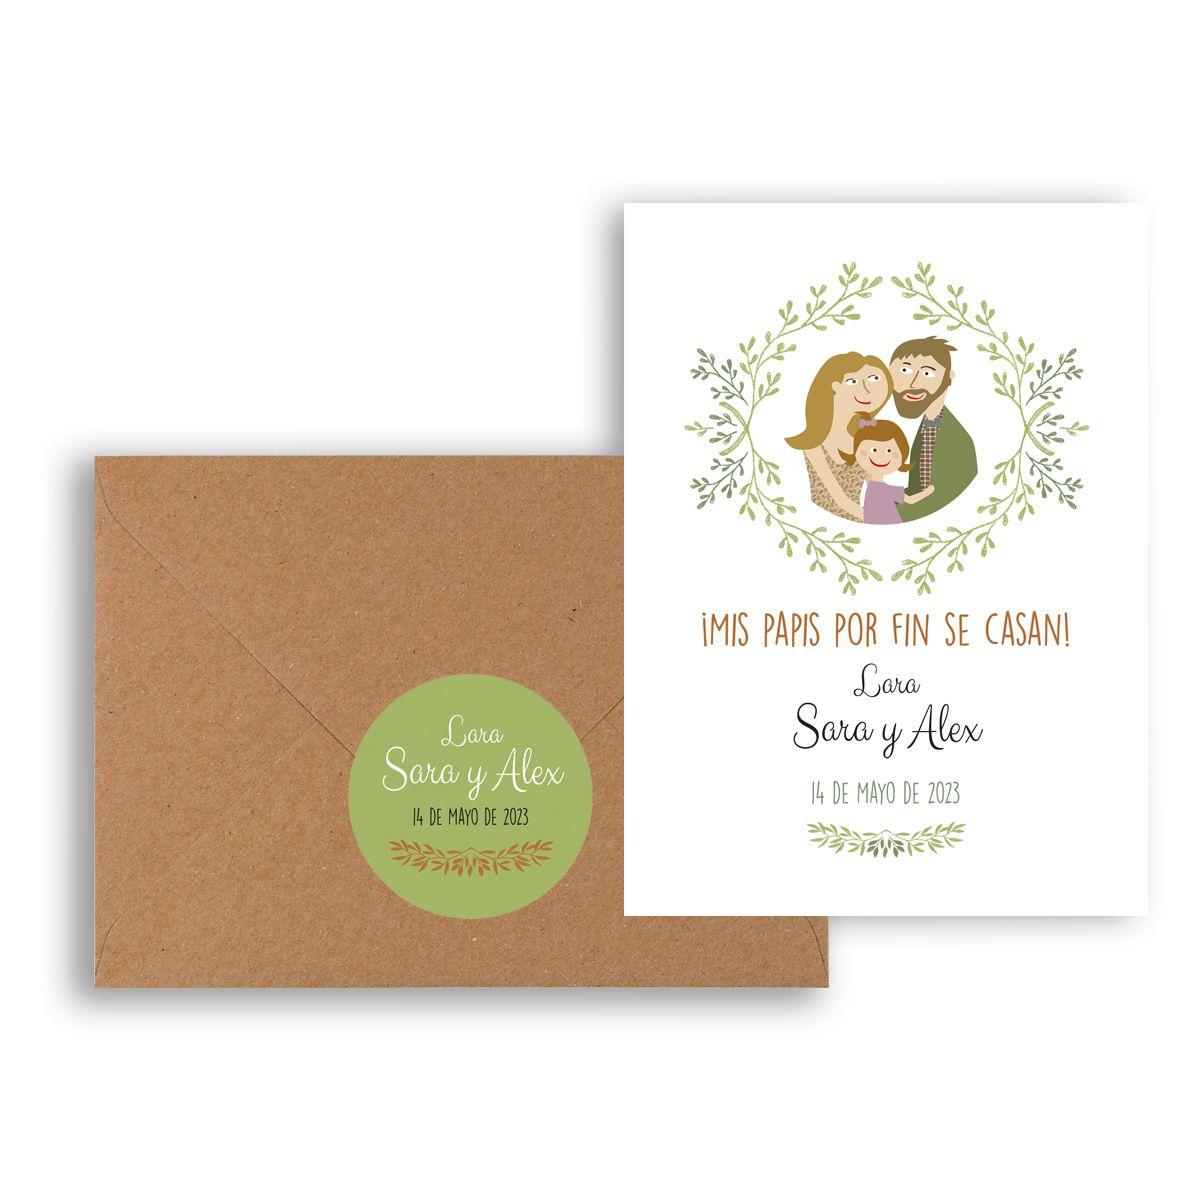 Invitación boda Family